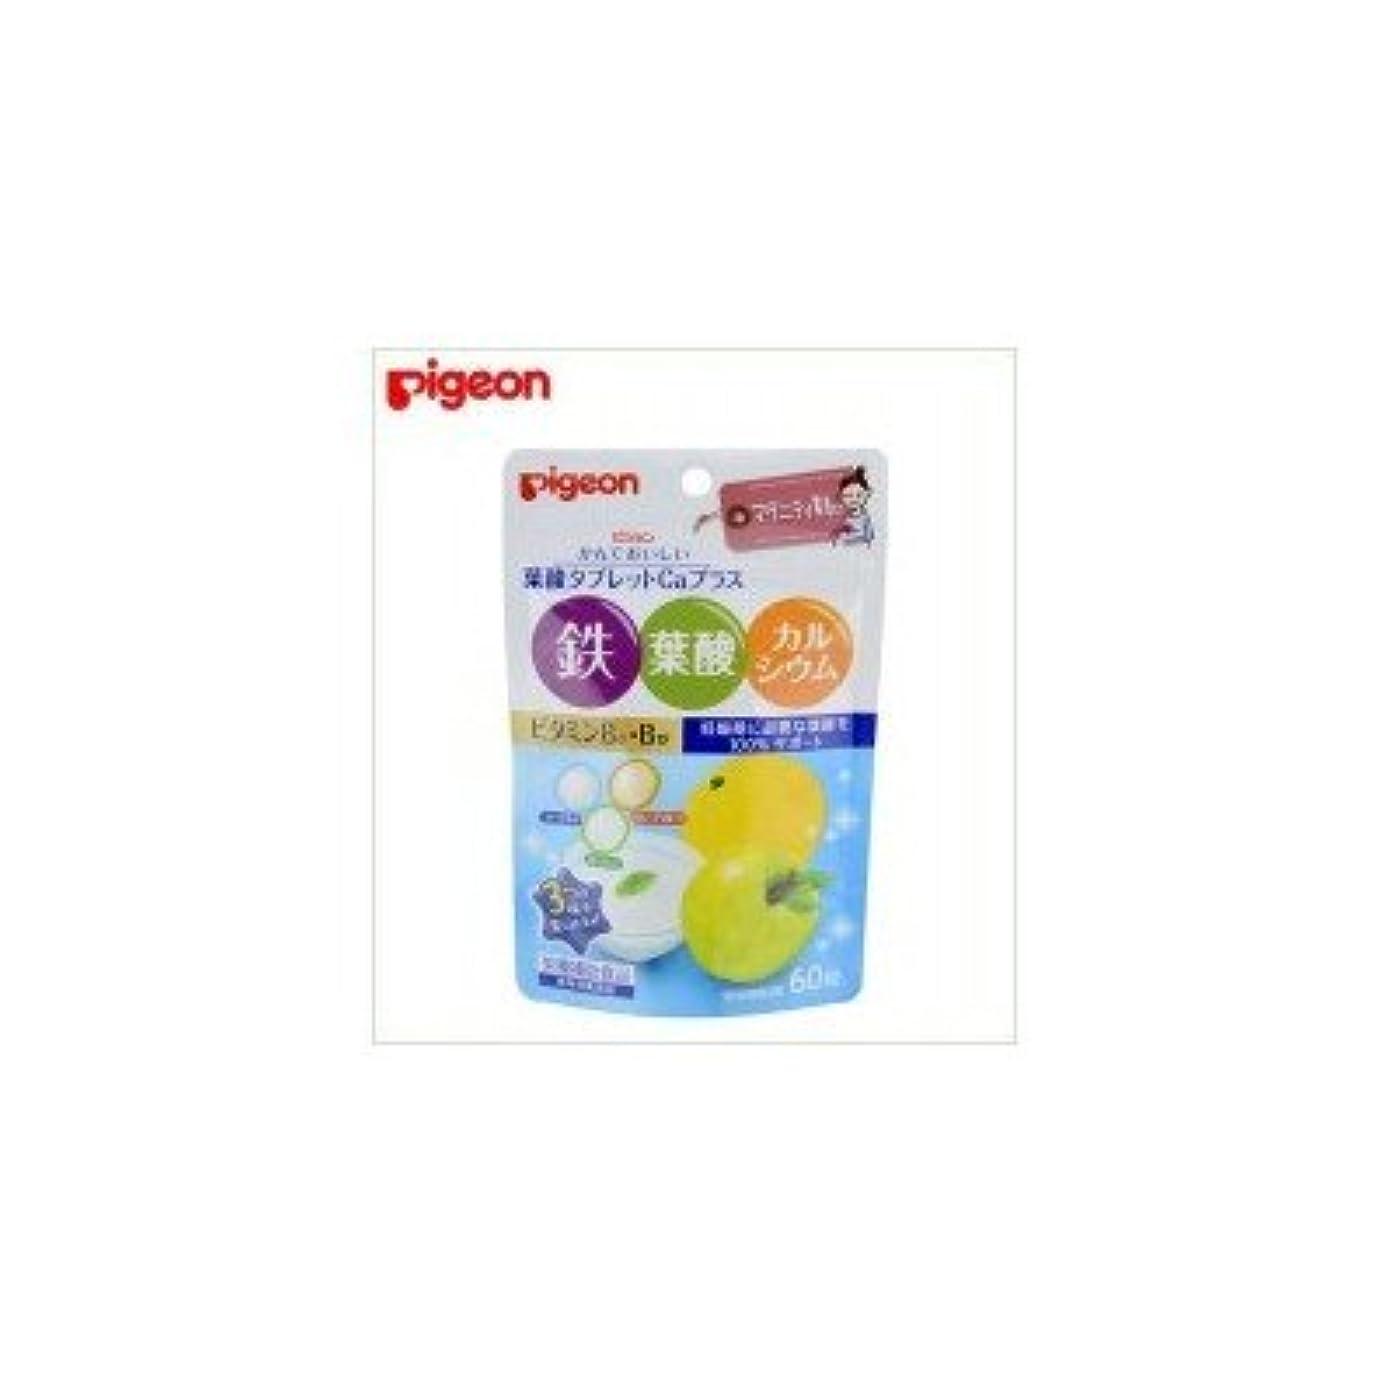 社会学ピンポイント堤防Pigeon(ピジョン) サプリメント 栄養補助食品 かんでおいしい葉酸タブレット Caプラス 60粒 20446